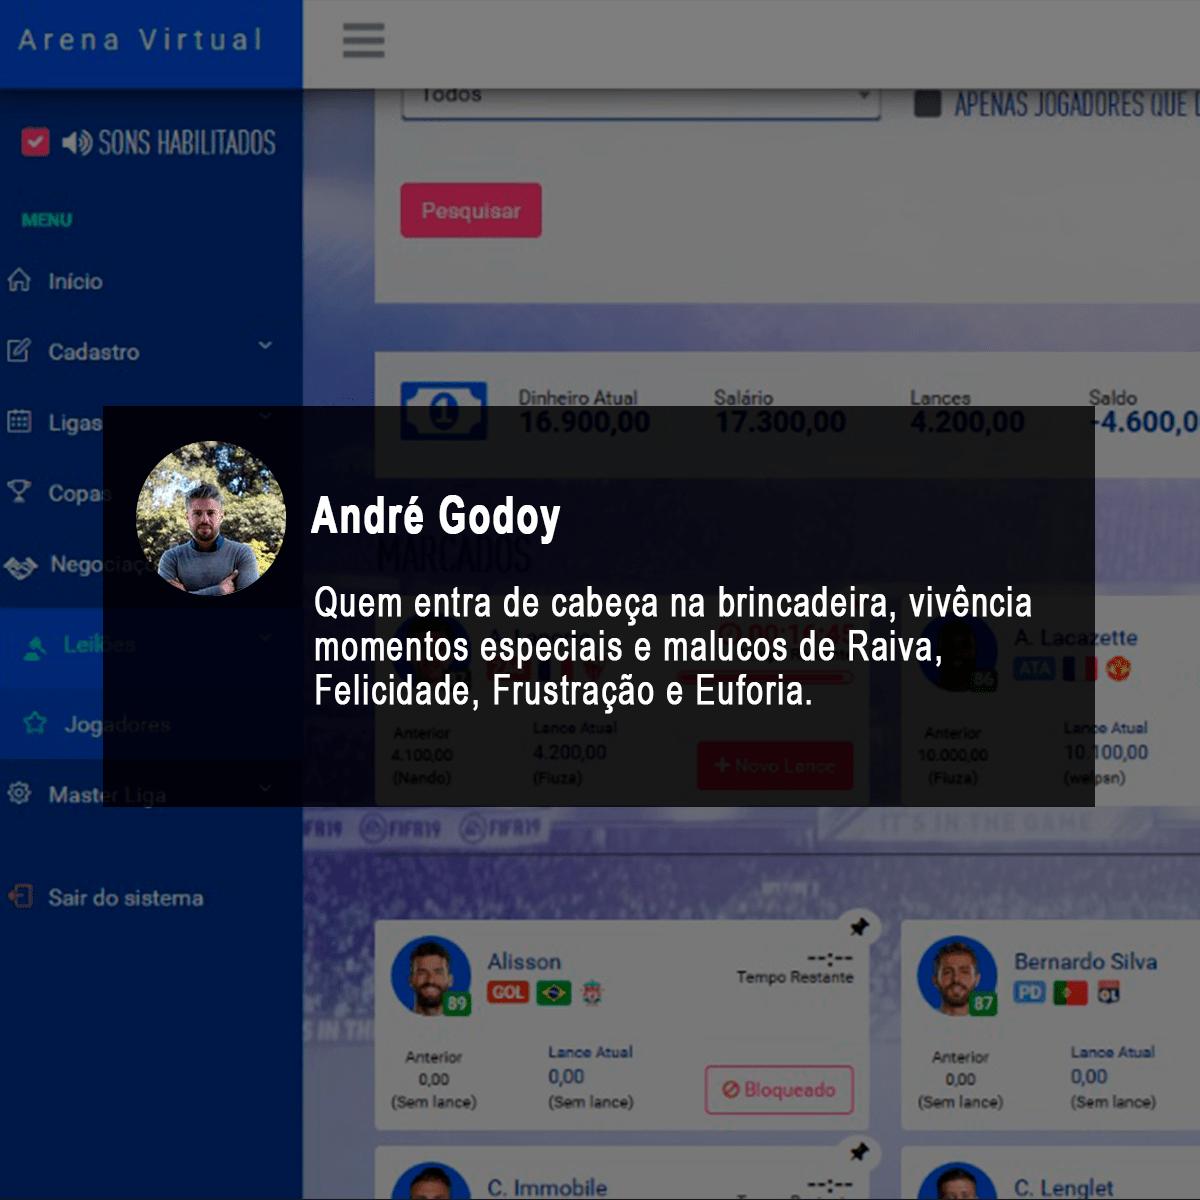 MODO CARREIRA ONLINE- VEJA COMO FUNCIONA!